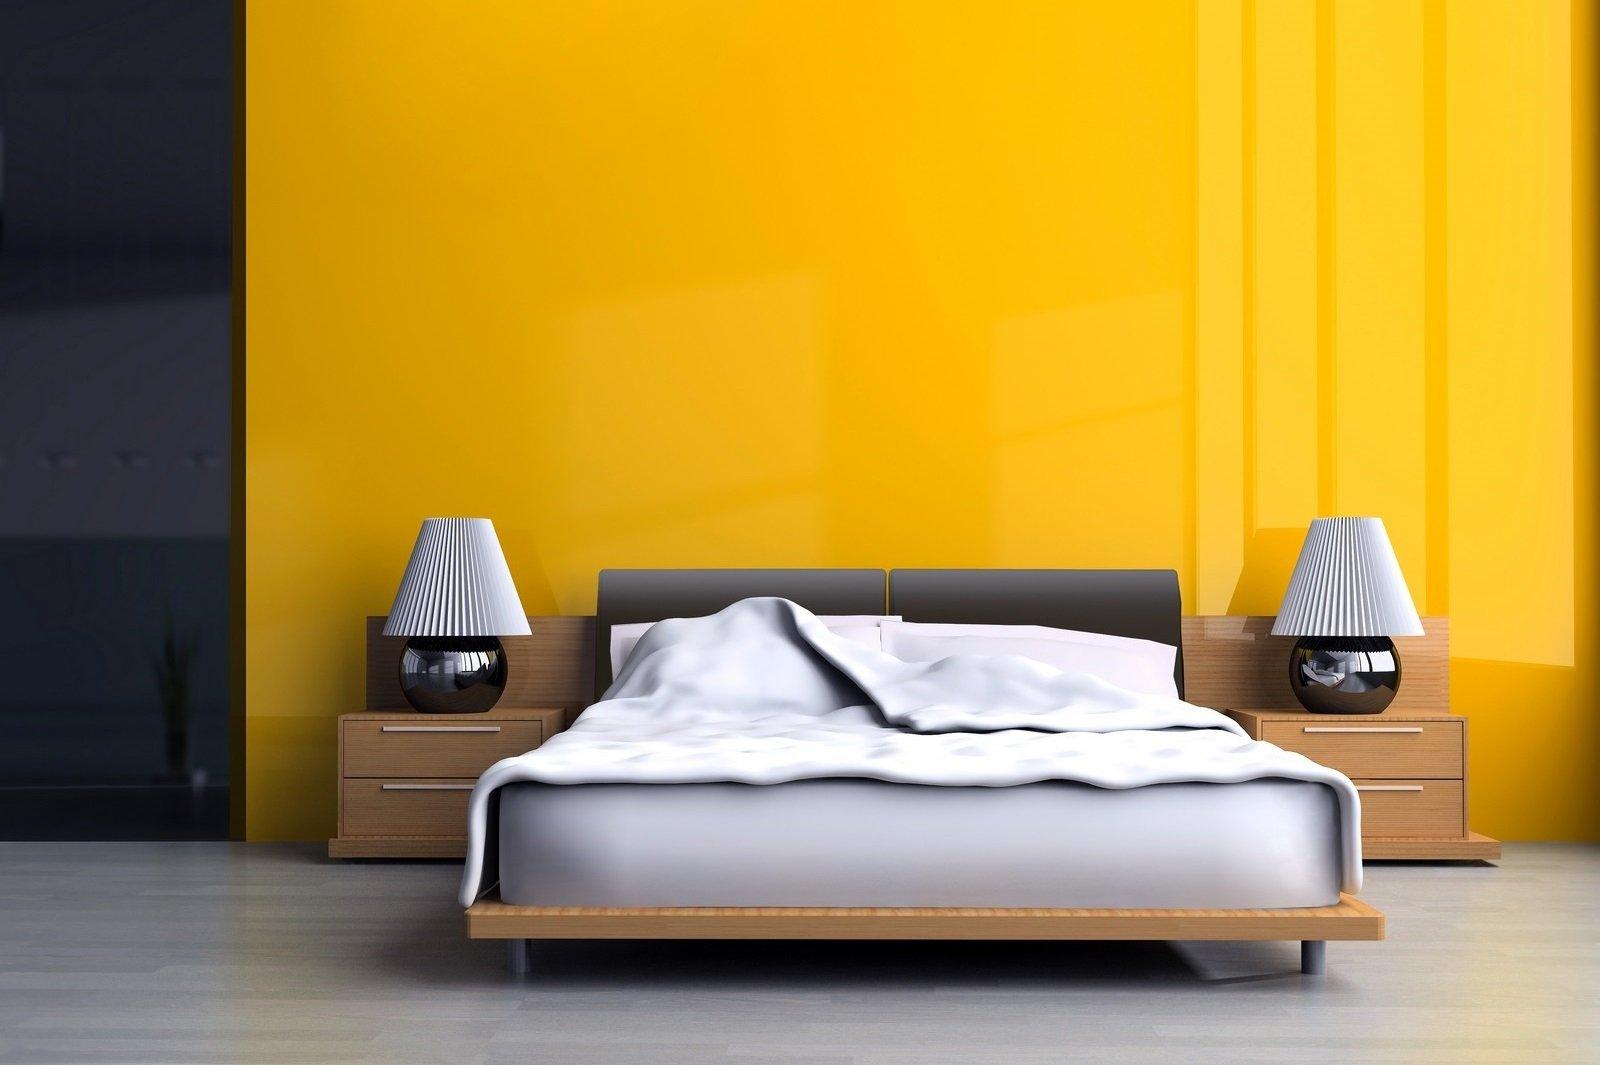 camas y muebles dormitorios fuerteventura